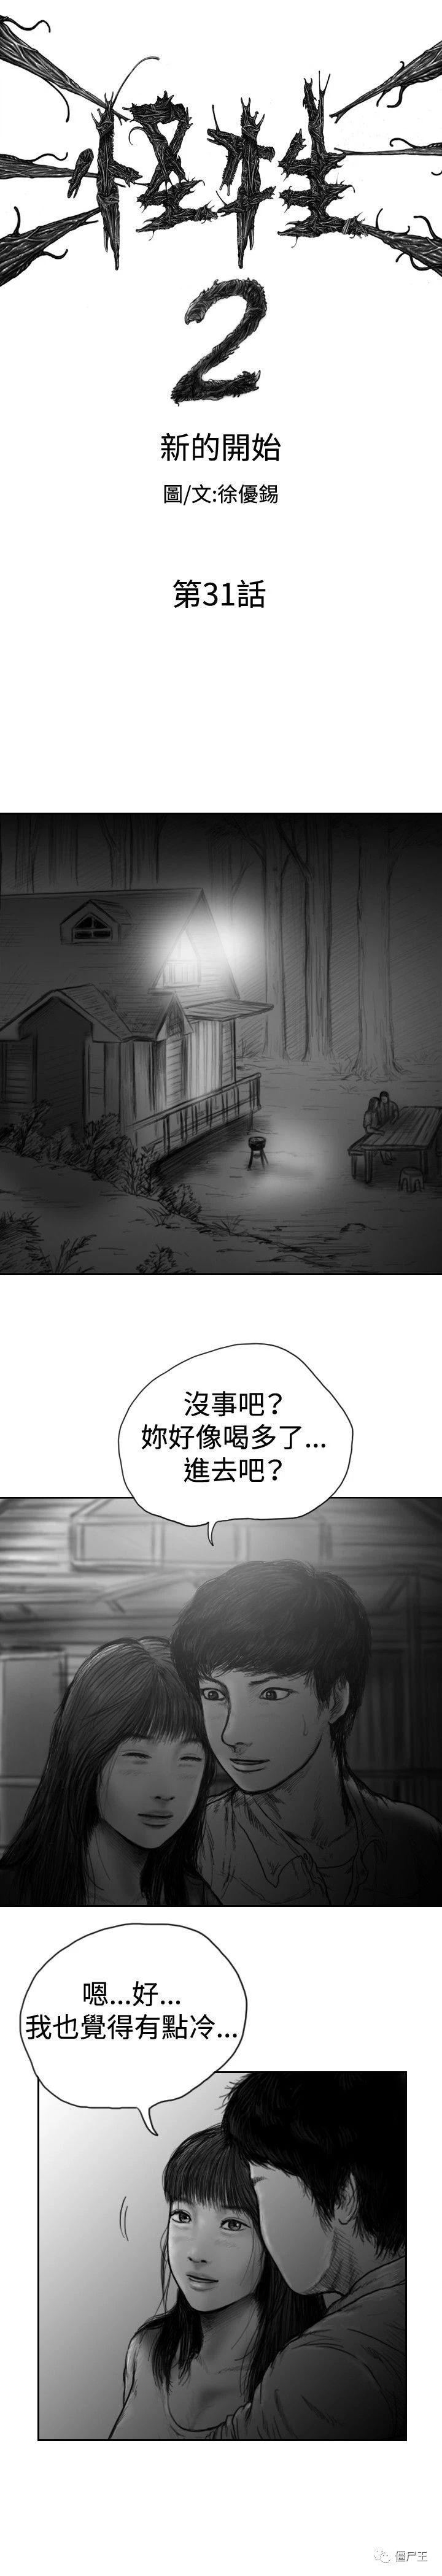 恐怖漫画:《怪牲2》31至35话-僵尸王